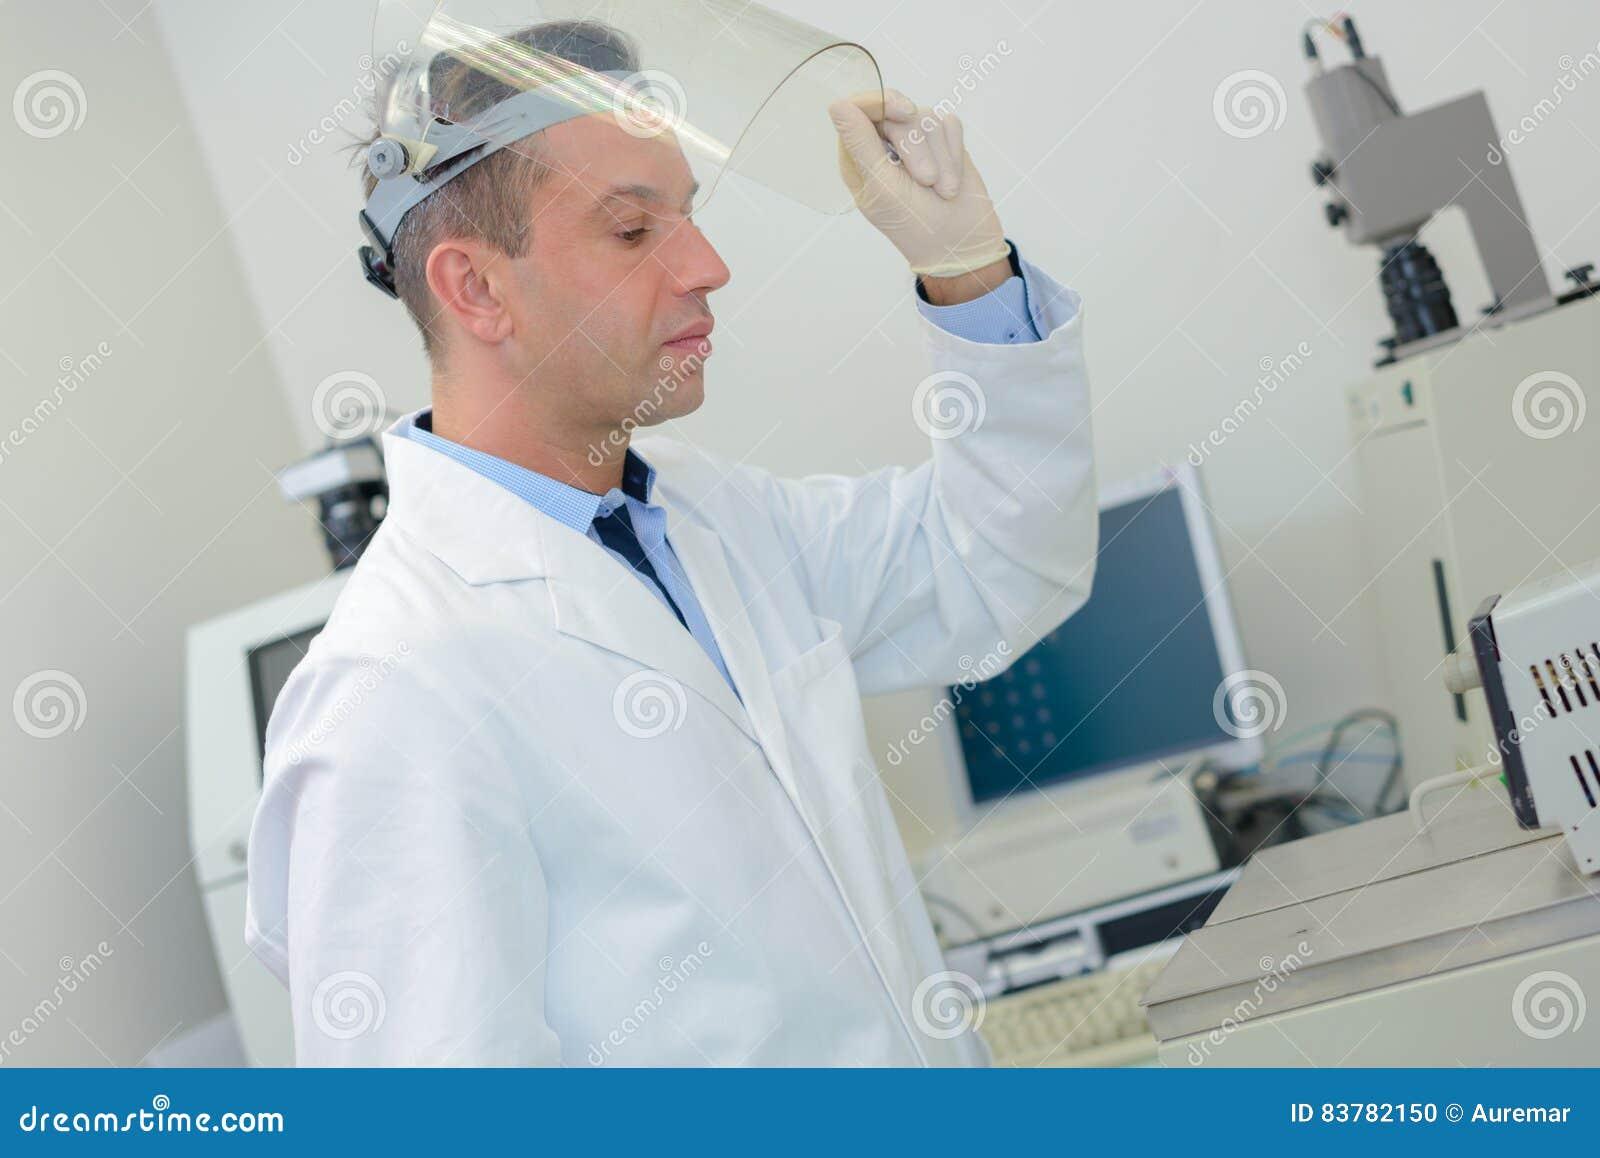 培养遮阳面具的化验员